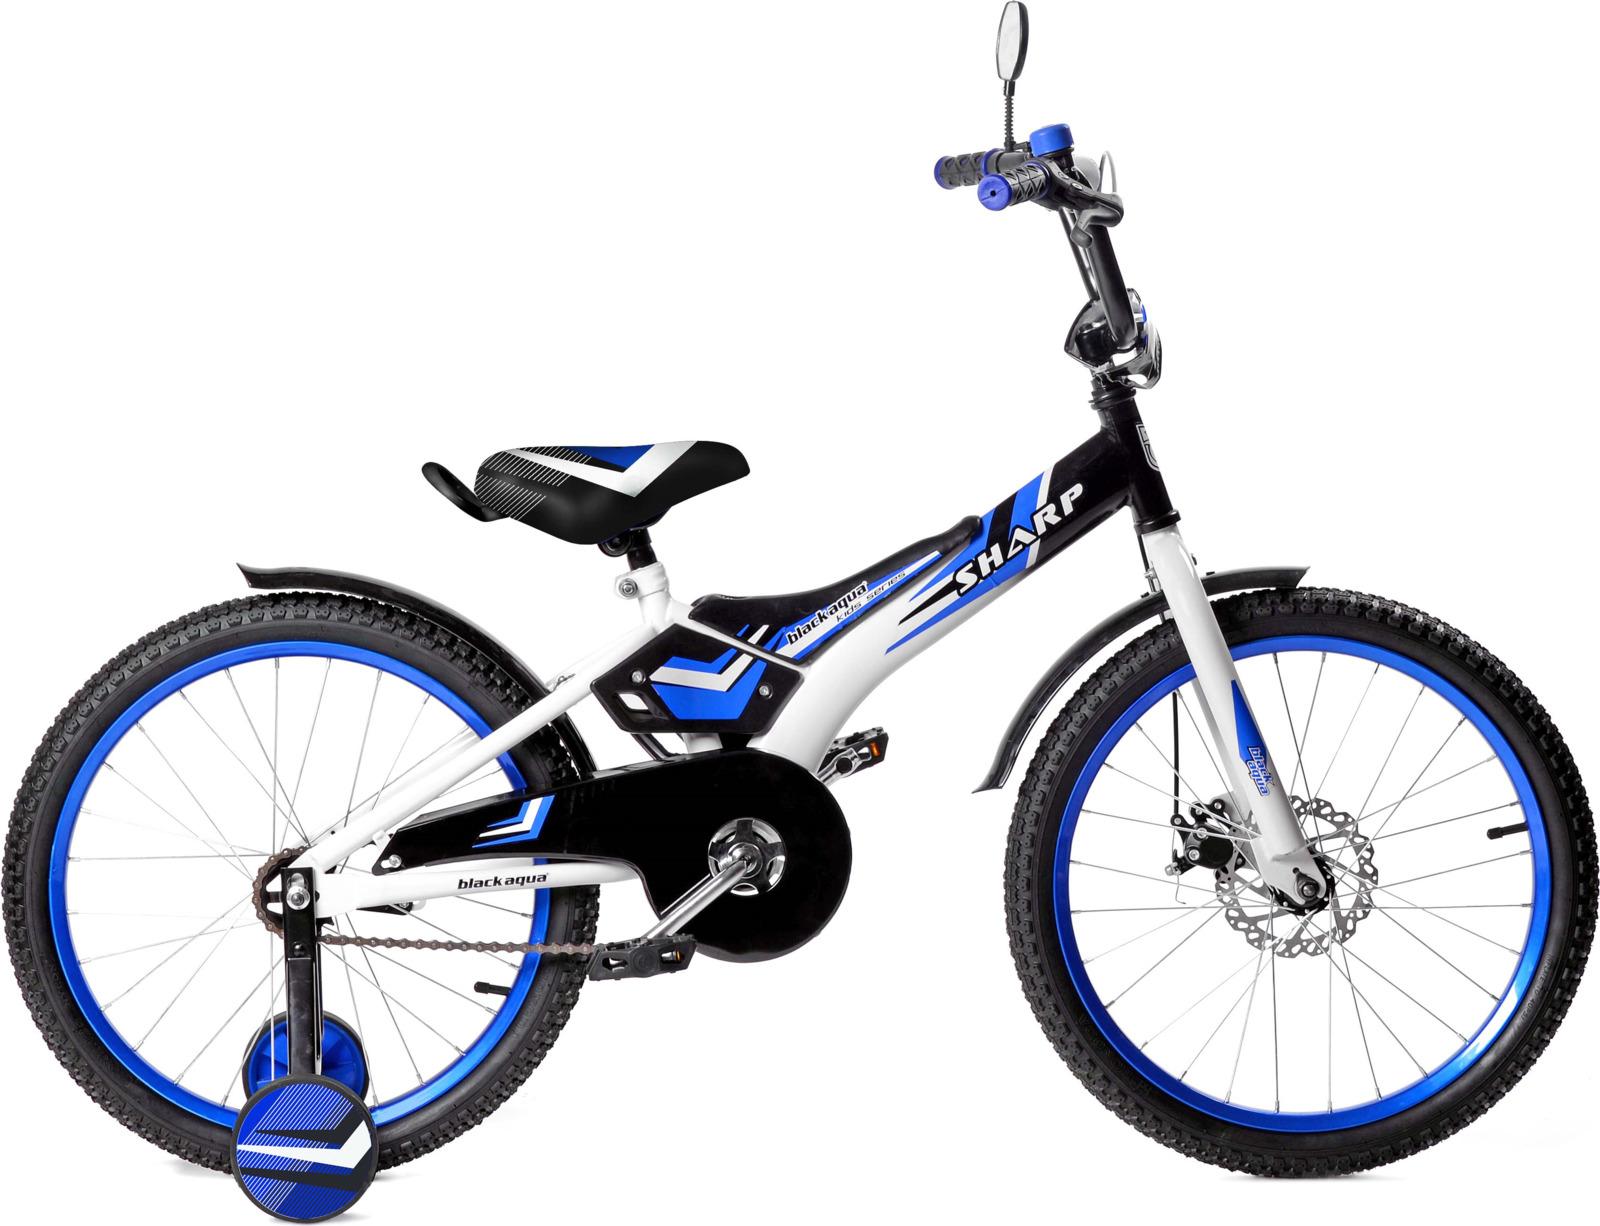 Велосипед детский Black Aqua Sharp, KG1610, со светящимися колесами, колесо 16, синий